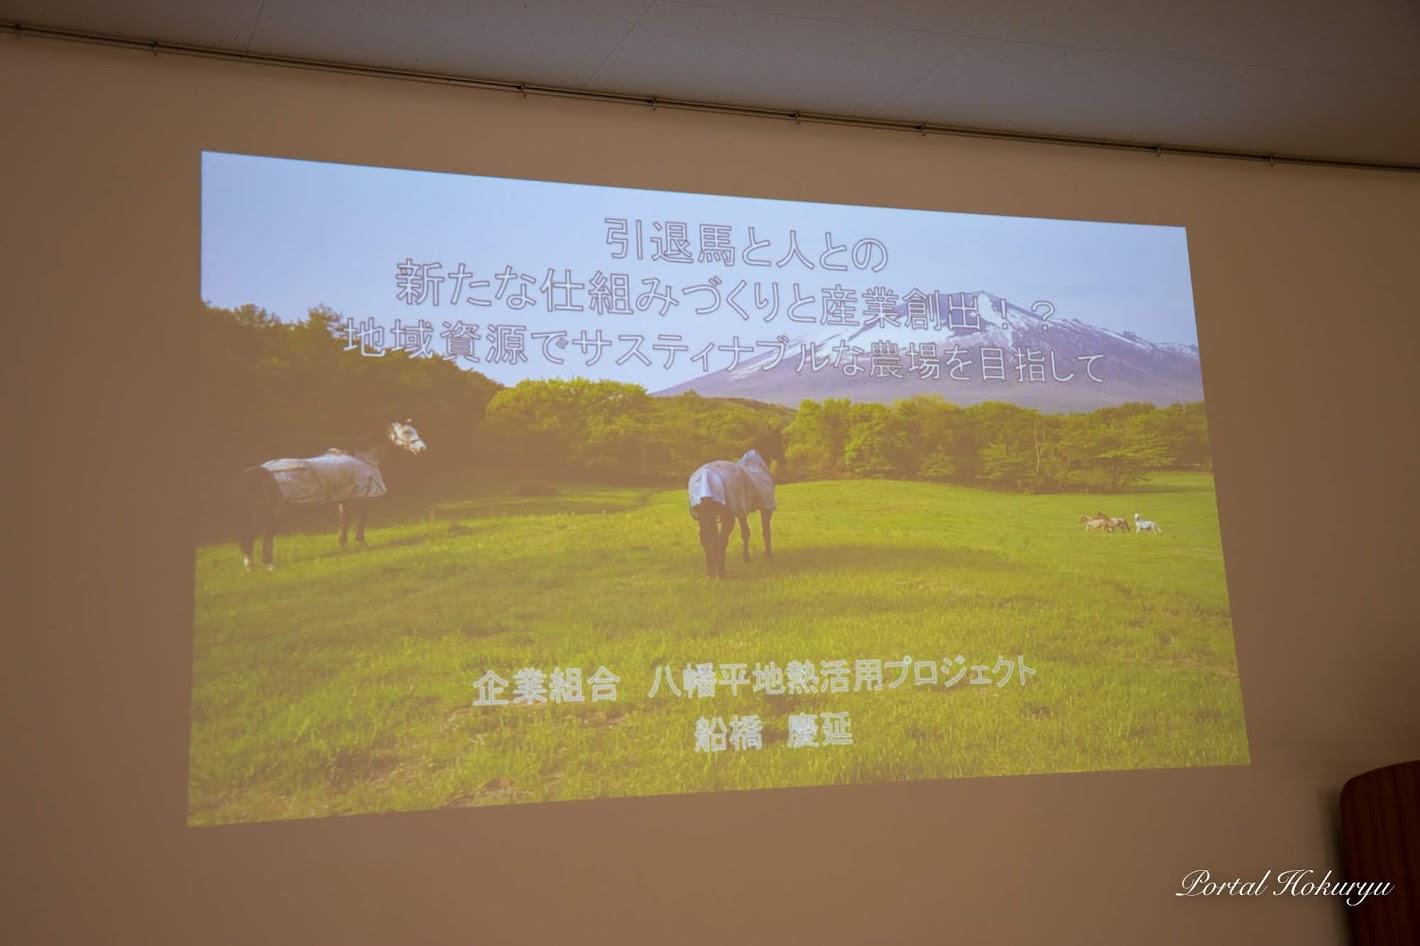 八幡平地熱活用プロジェクト